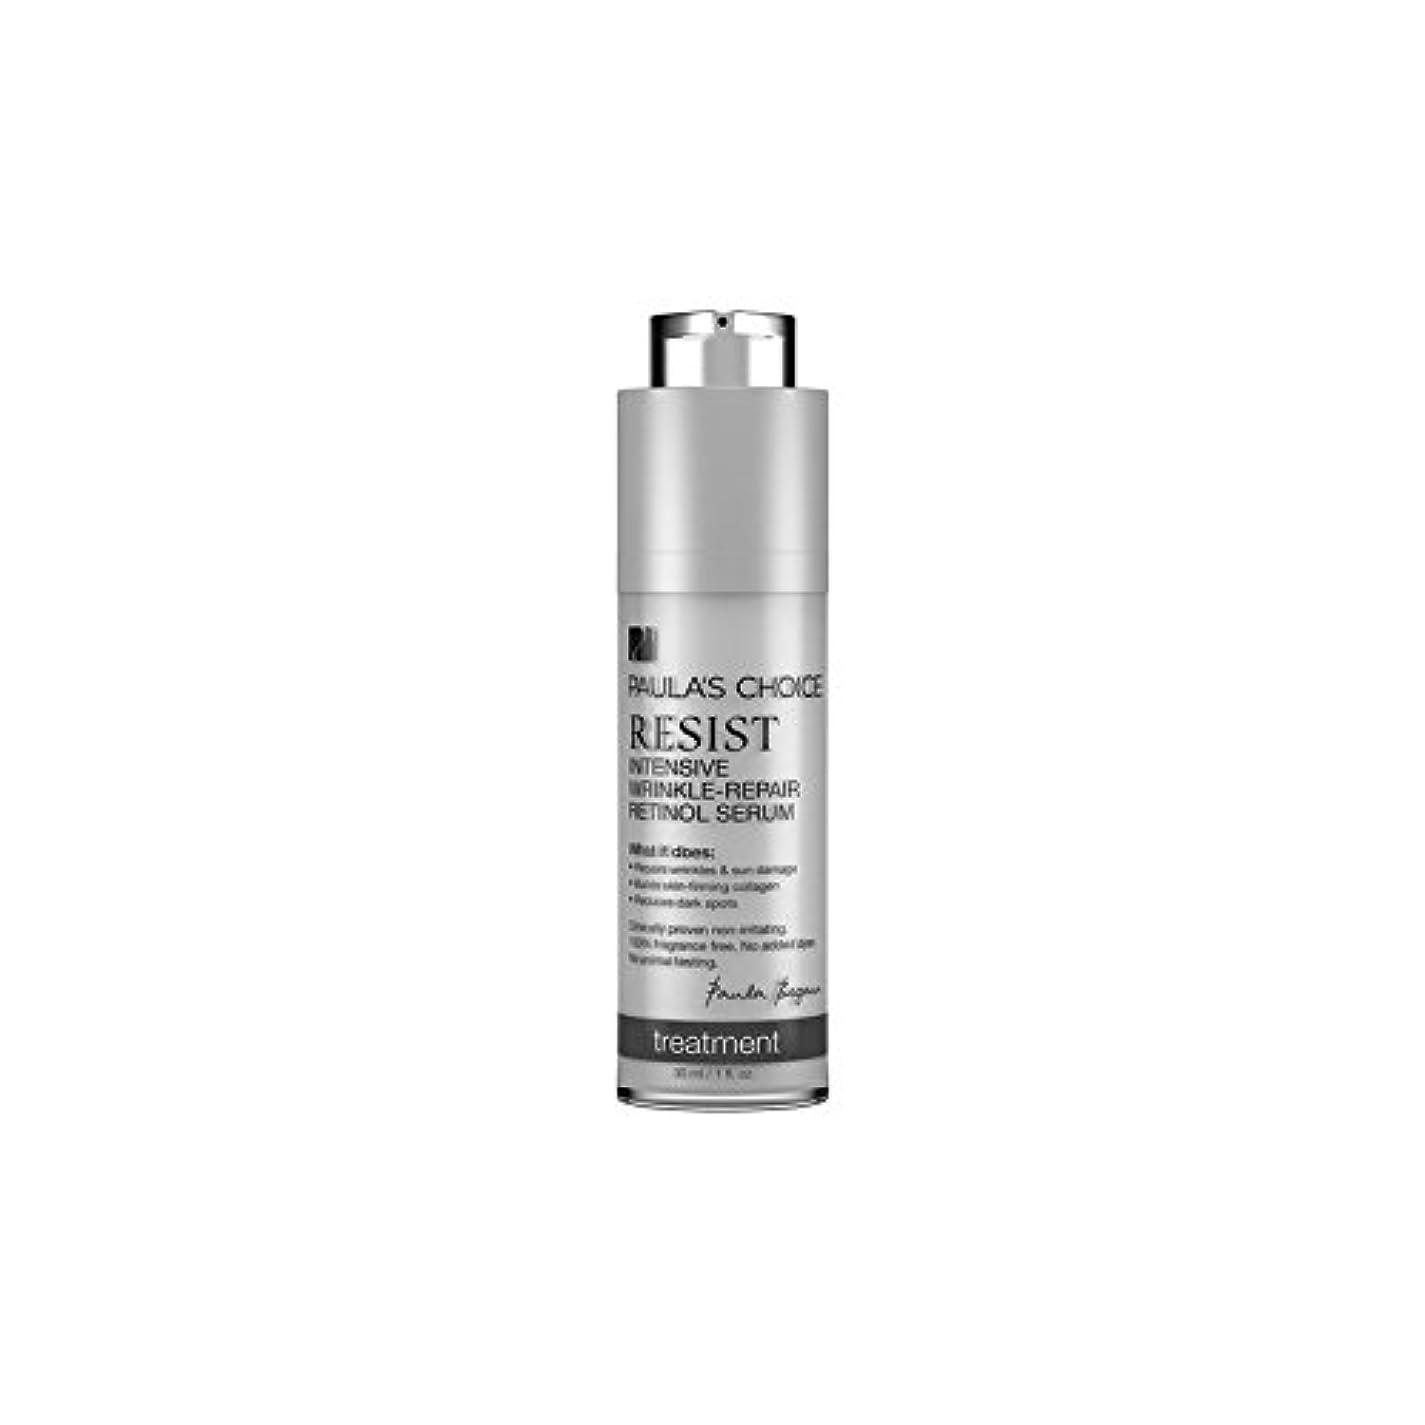 リレー出撃者レーザポーラチョイスは、集中的なしわ修復レチノール血清(30ミリリットル)を抵抗します x2 - Paula's Choice Resist Intensive Wrinkle-Repair Retinol Serum (30ml) (Pack of 2) [並行輸入品]